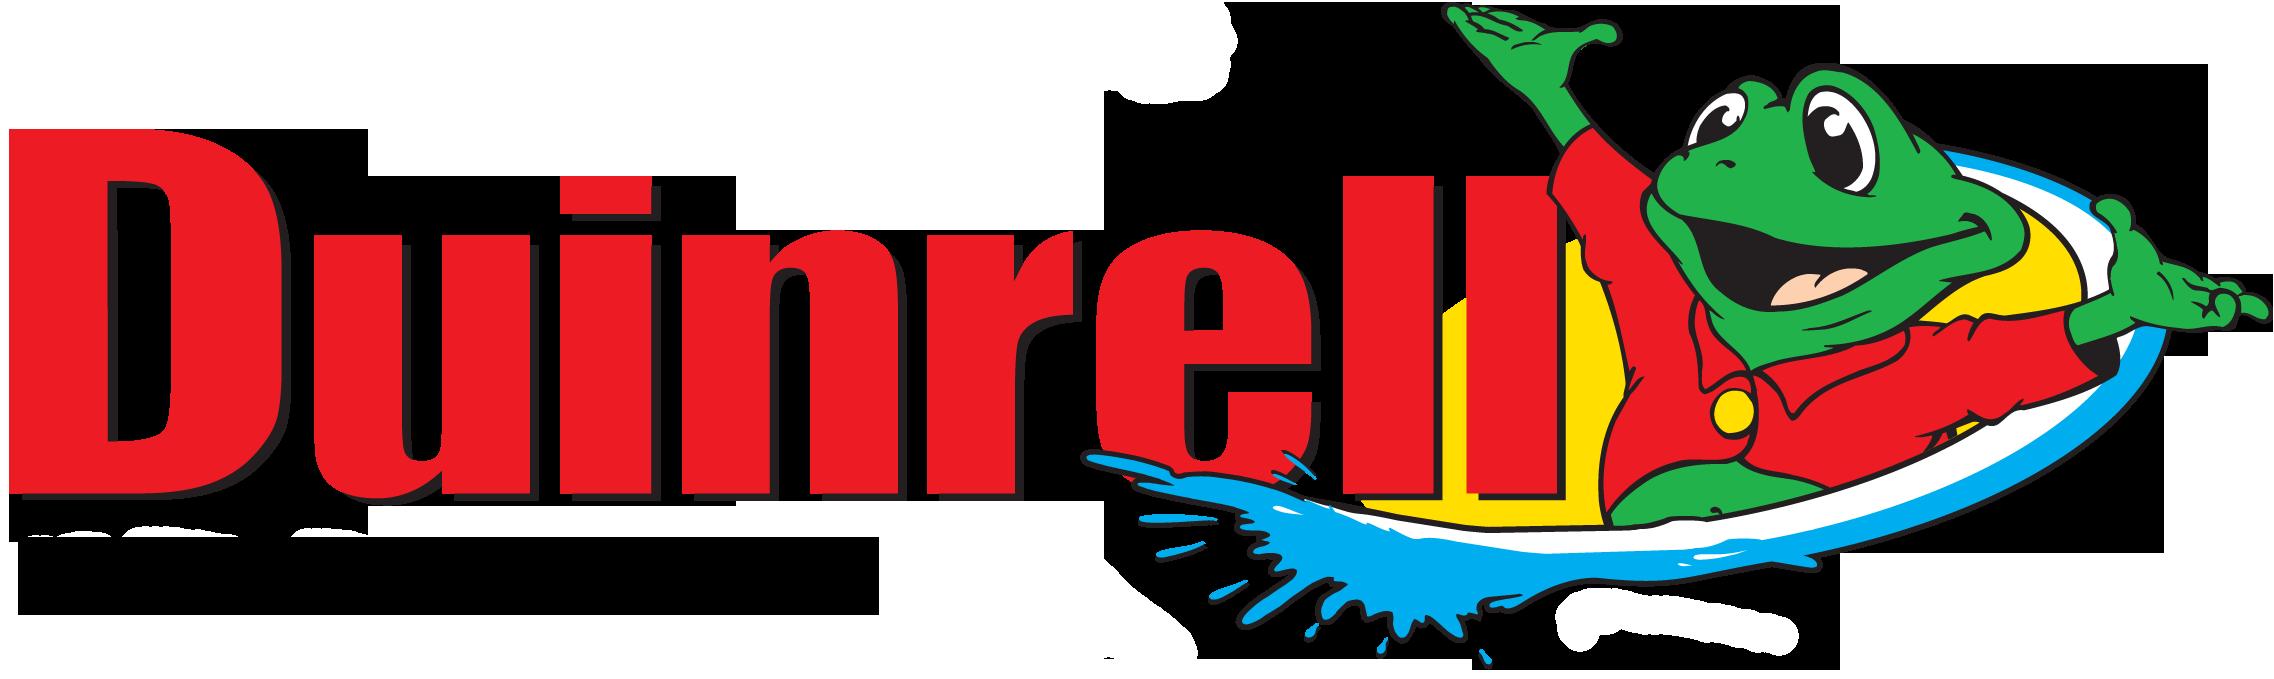 Werbung Duinrell